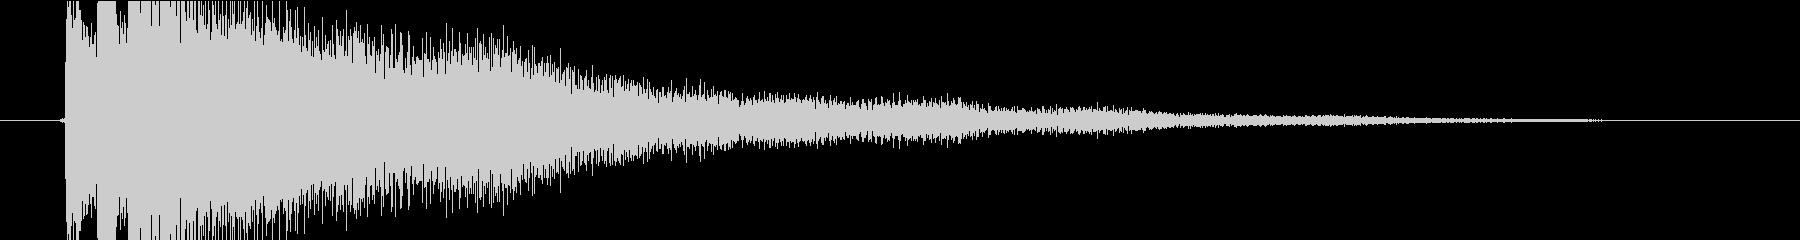 楊琴/中国/伝統楽器/アイキャッチ/展開の未再生の波形